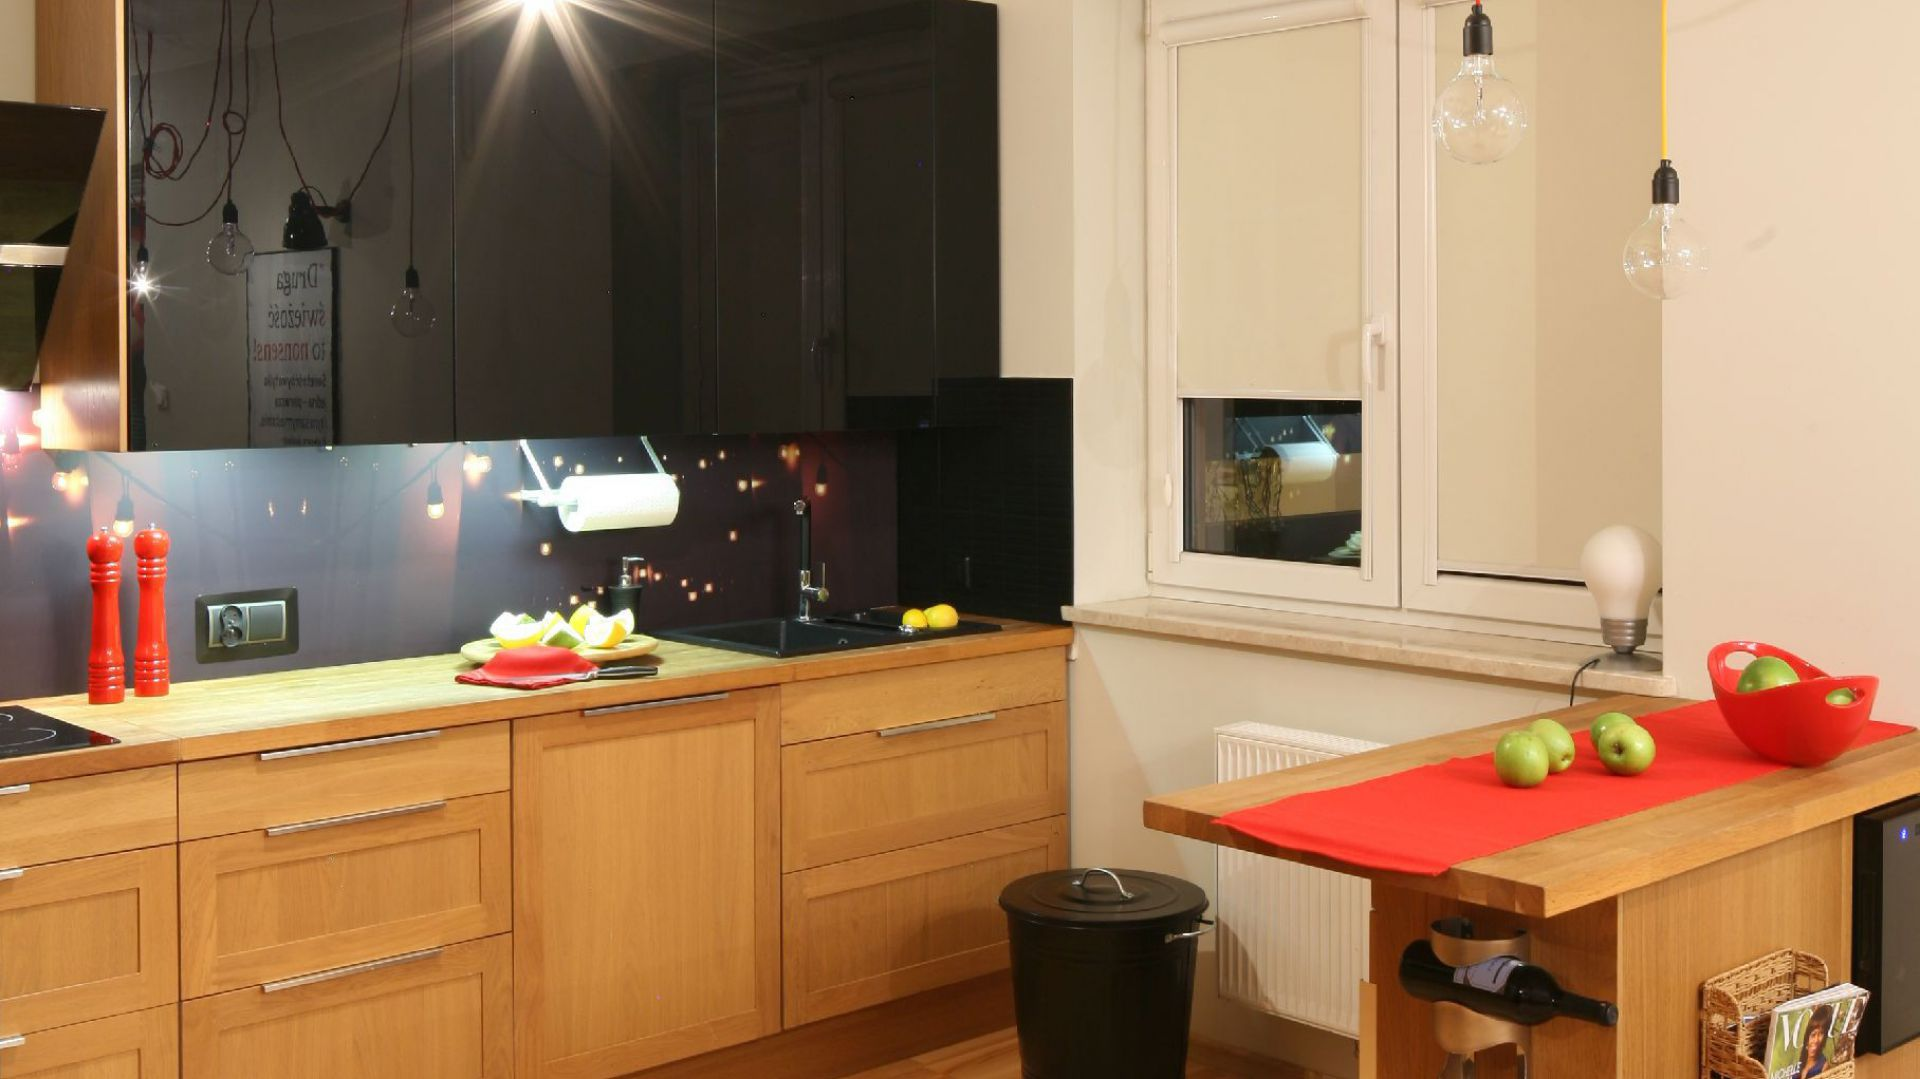 Kuchnię od części wypoczynkowej oddziela niewysoki barek, który jednak nie zamyka otwartej przestrzeni. Wyposażenie: oświetlenie wiszące CablePower / podłoga deska barlinecka jesion. Fot. Bartosz Jarosz.